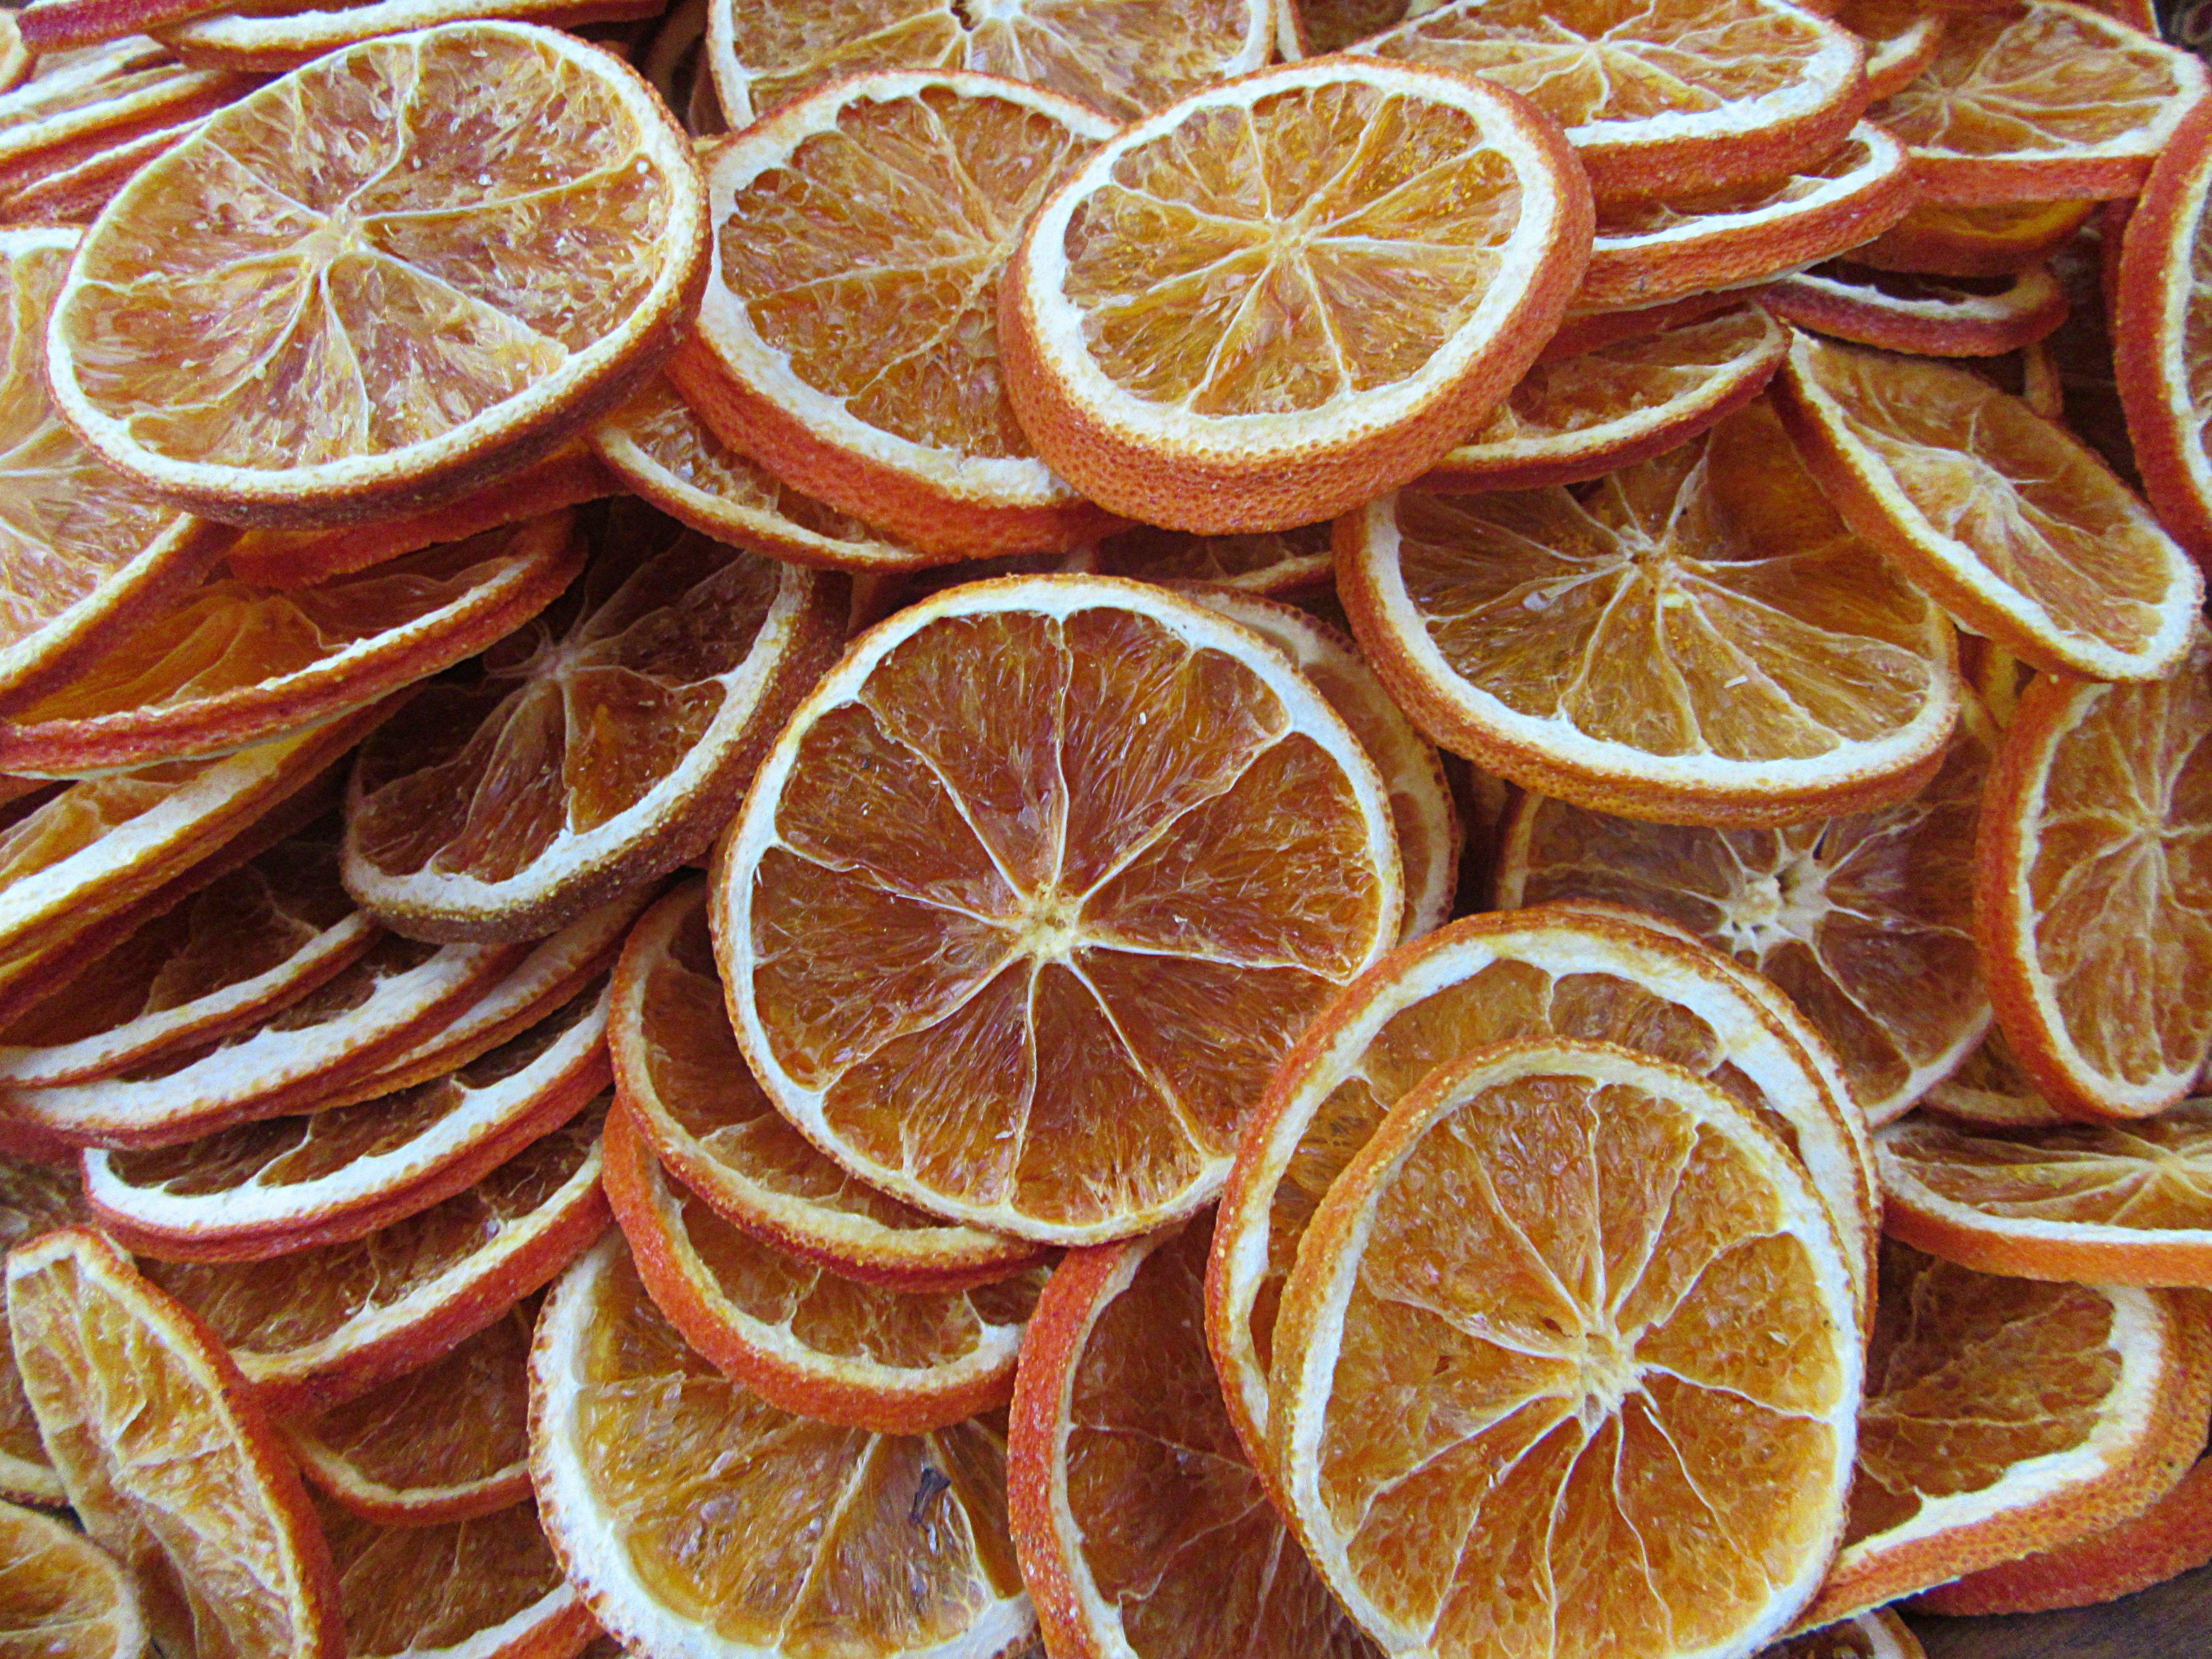 92325 Hintergrundbild herunterladen Lebensmittel, Dekoration, Weihnachten, Trockenfrüchte, Getrocknete Früchte, Snacks - Bildschirmschoner und Bilder kostenlos